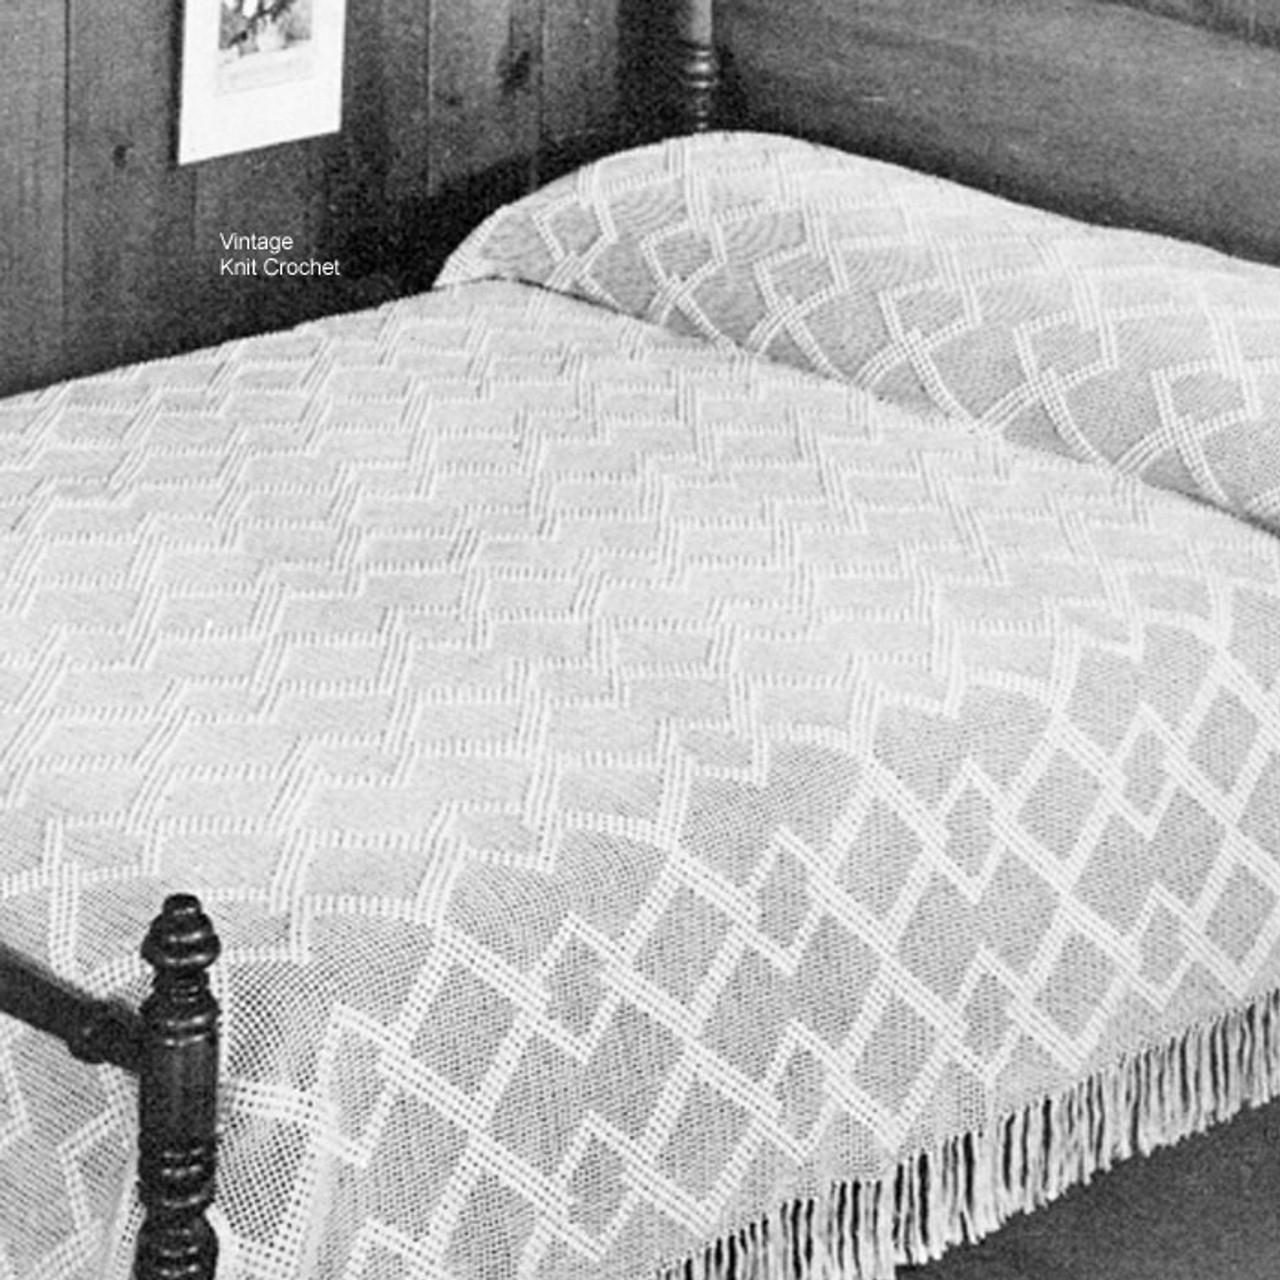 Diamond Crochet Bedspread pattern, Kimberley